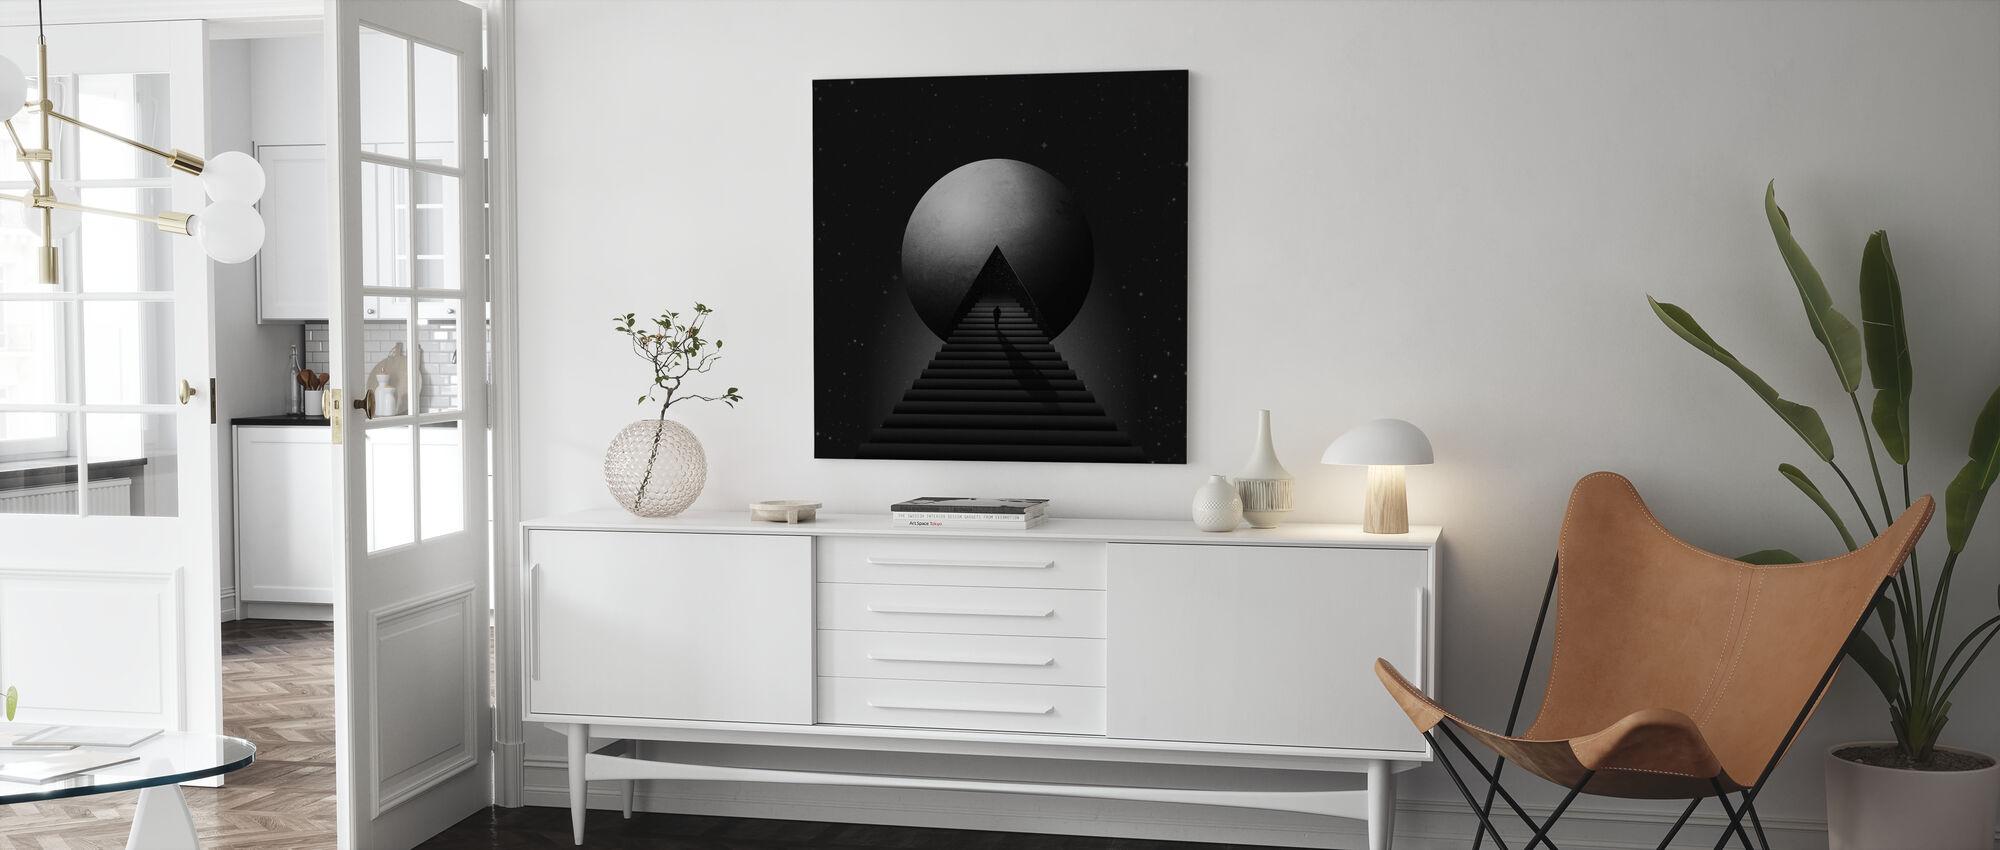 Vaarwel - Canvas print - Woonkamer